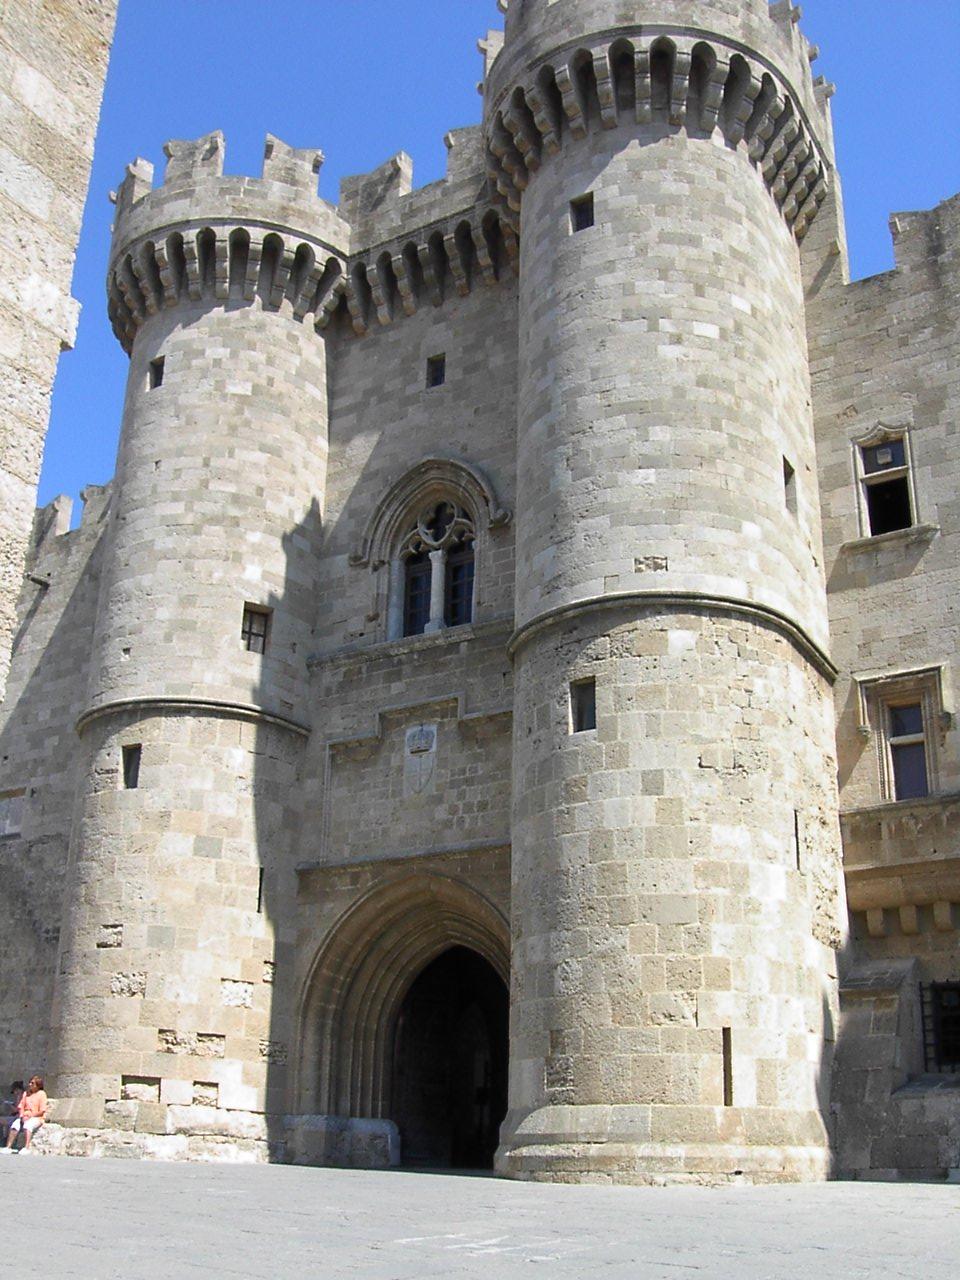 Αποτέλεσμα εικόνας για μεσαιωνική πόλη της ρόδου